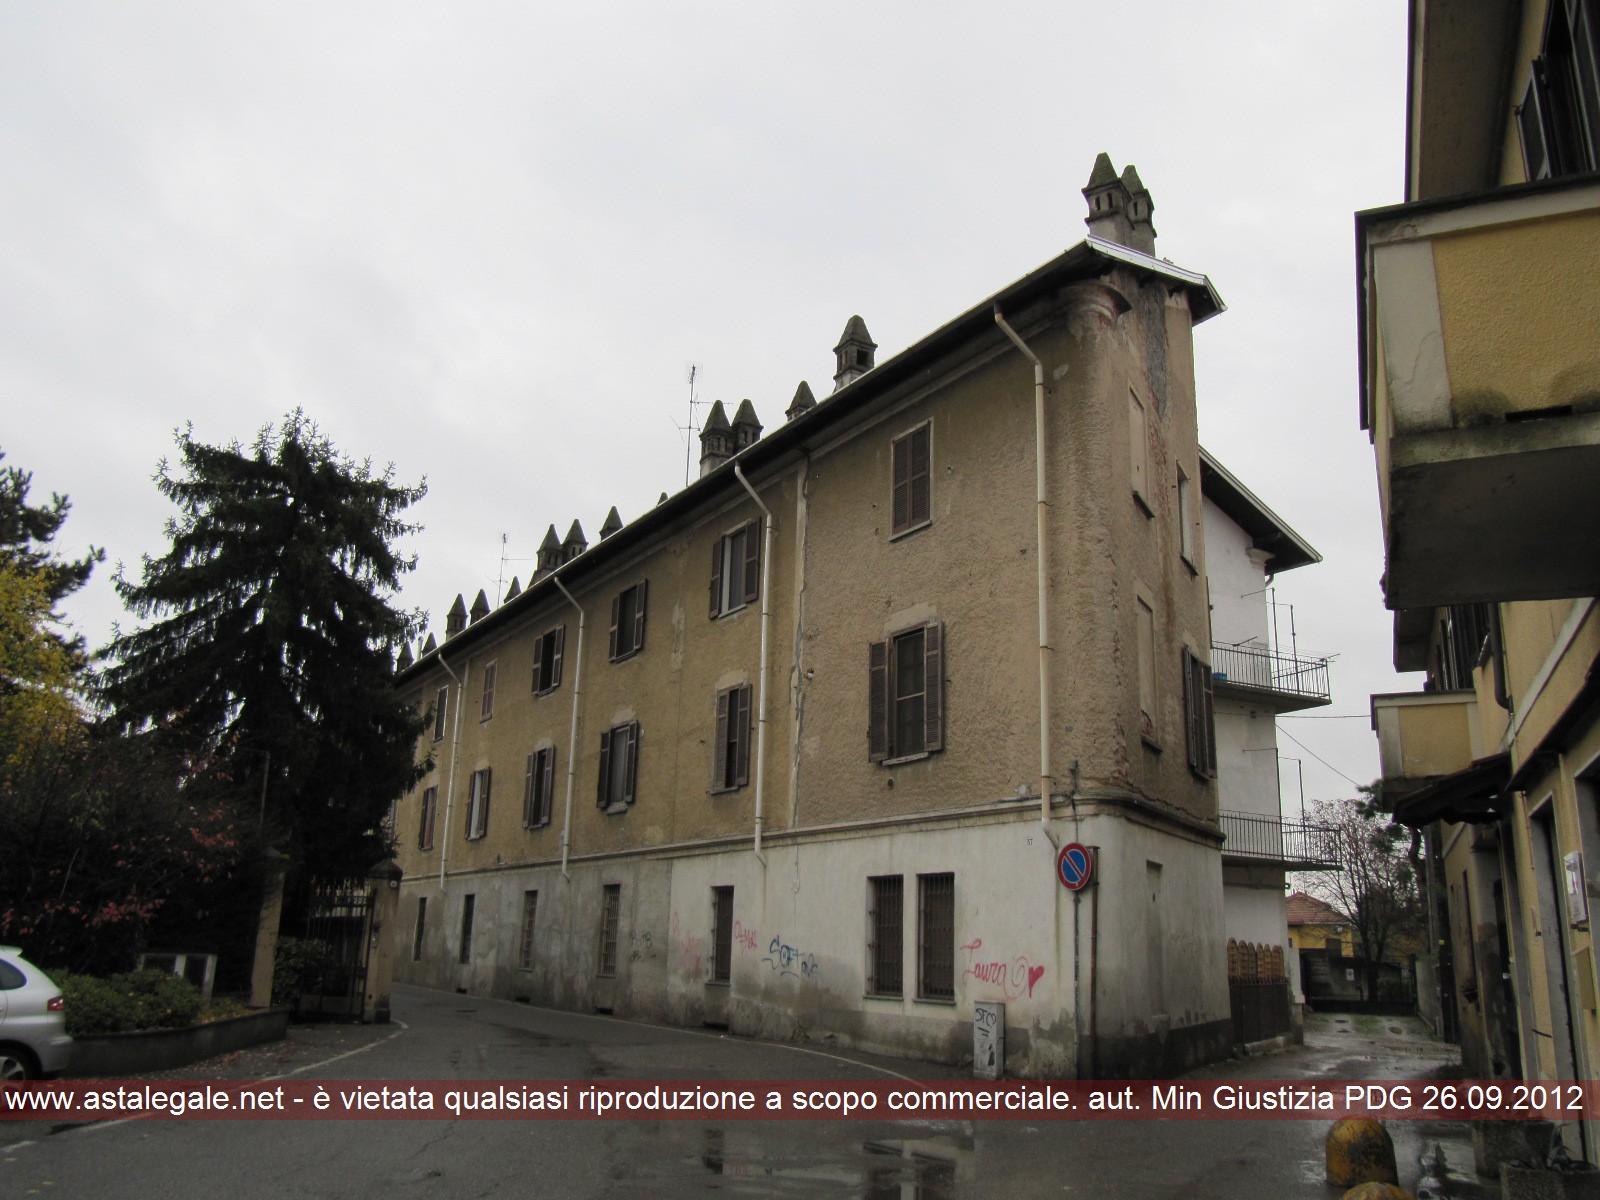 Vigevano (PV) Via AGUZZAFAME 57